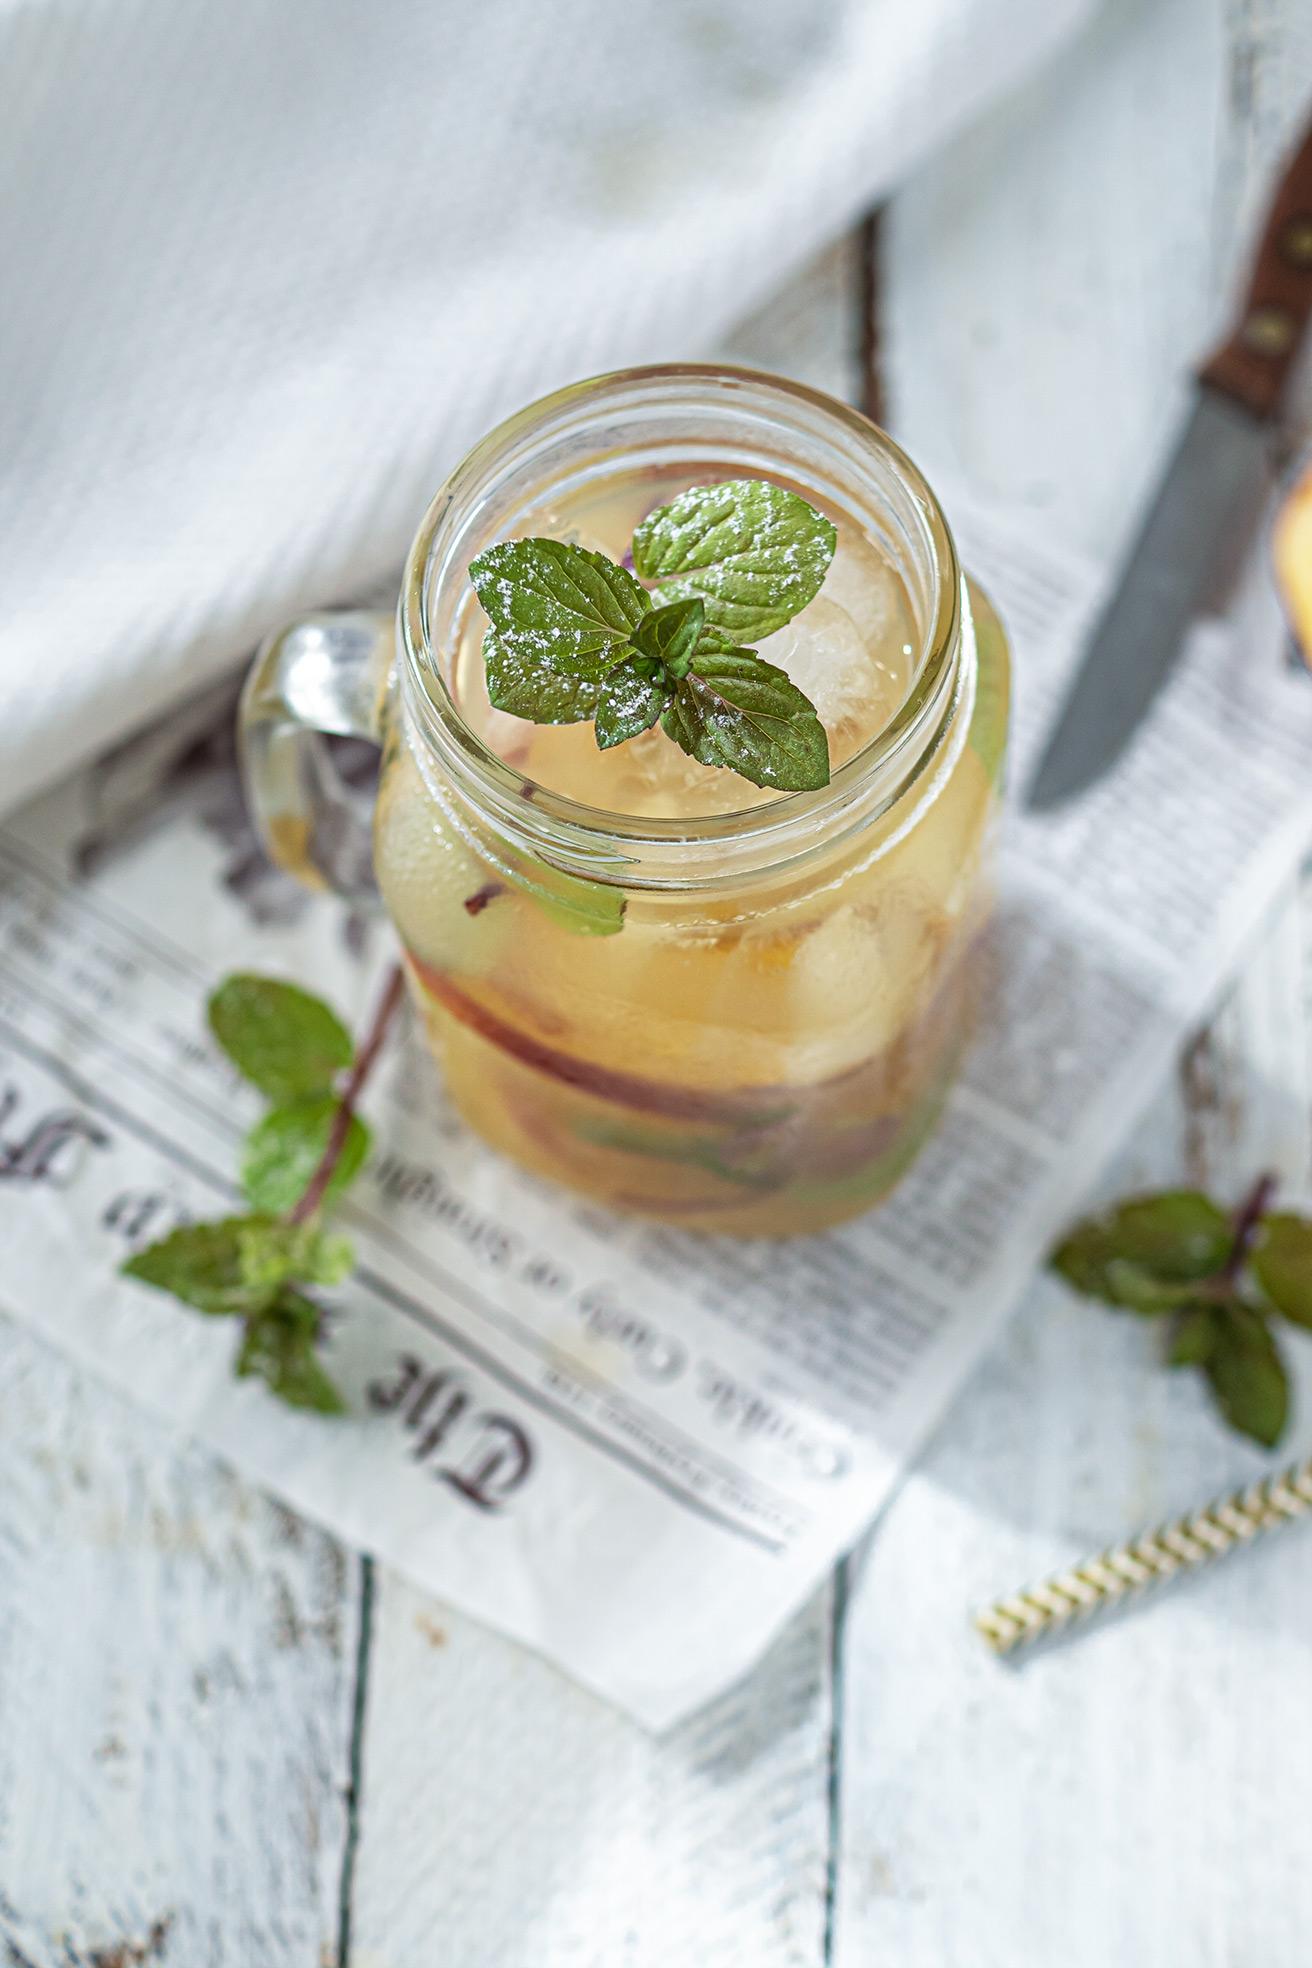 Apfelerfrischungsgetränk in einem Glas